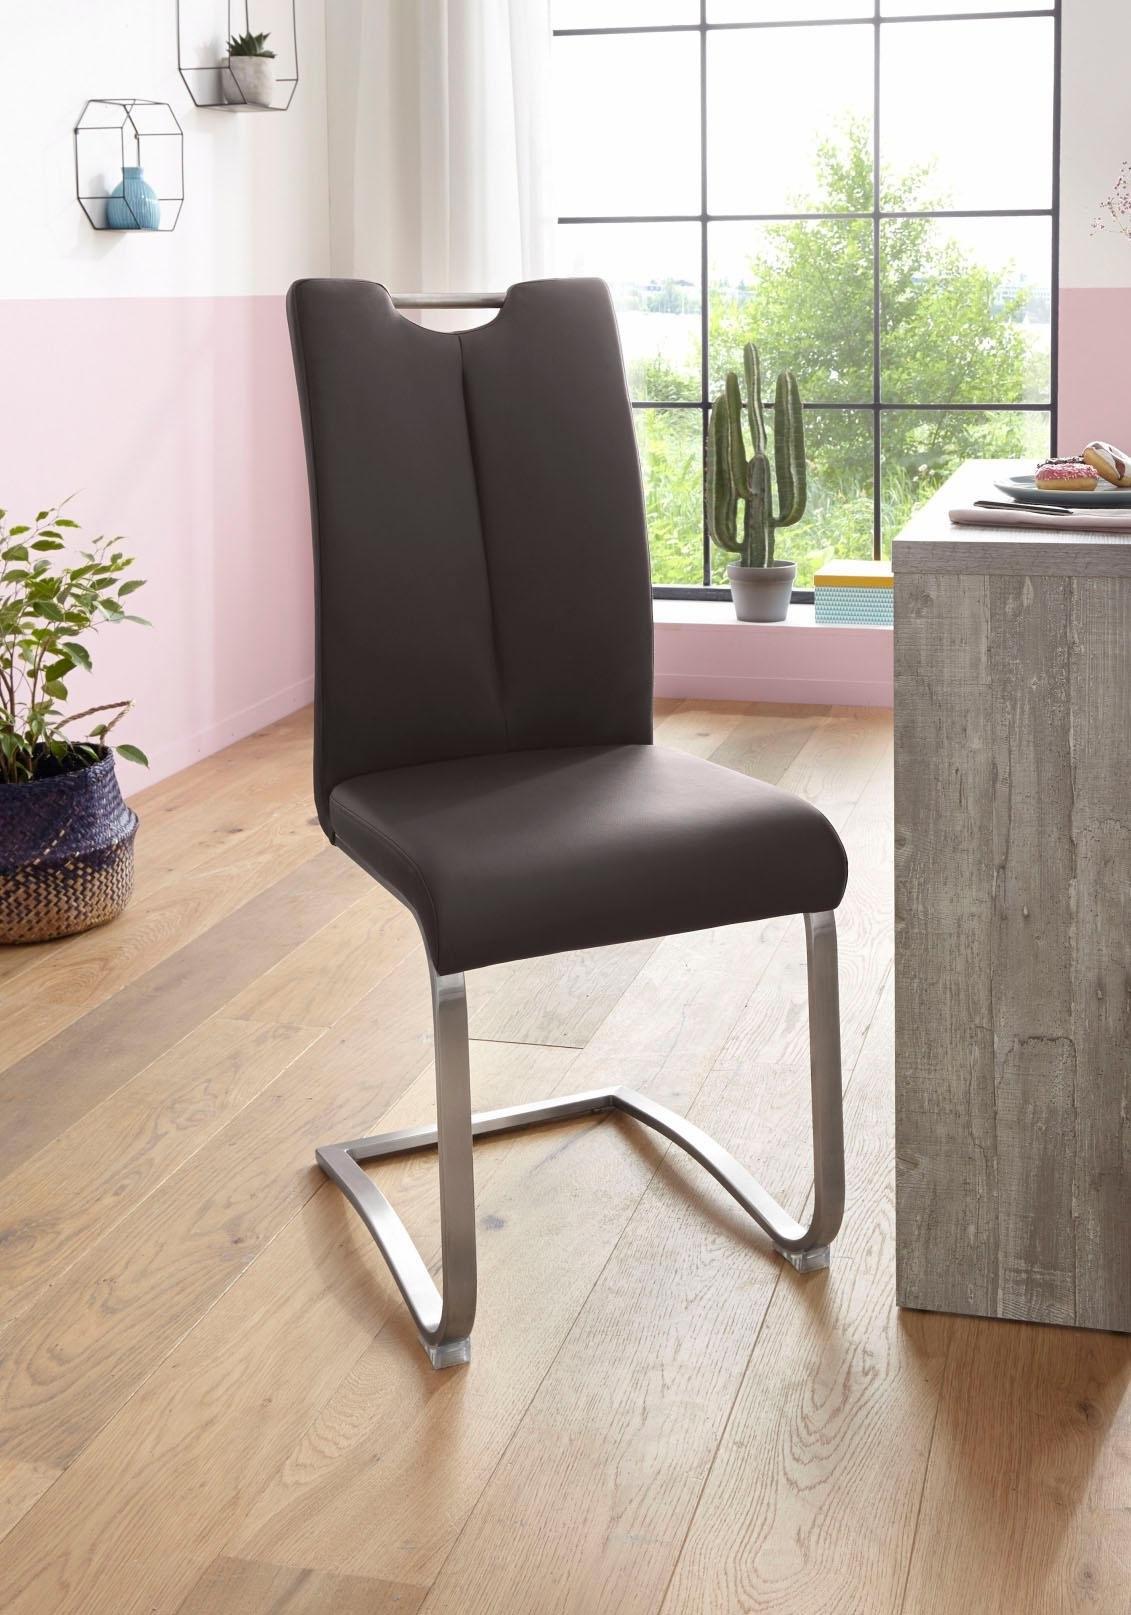 MCA furniture vrijdragende stoel ARTOS Stoel tot 140 Kg belastbaar (set, 2 stuks) - gratis ruilen op otto.nl